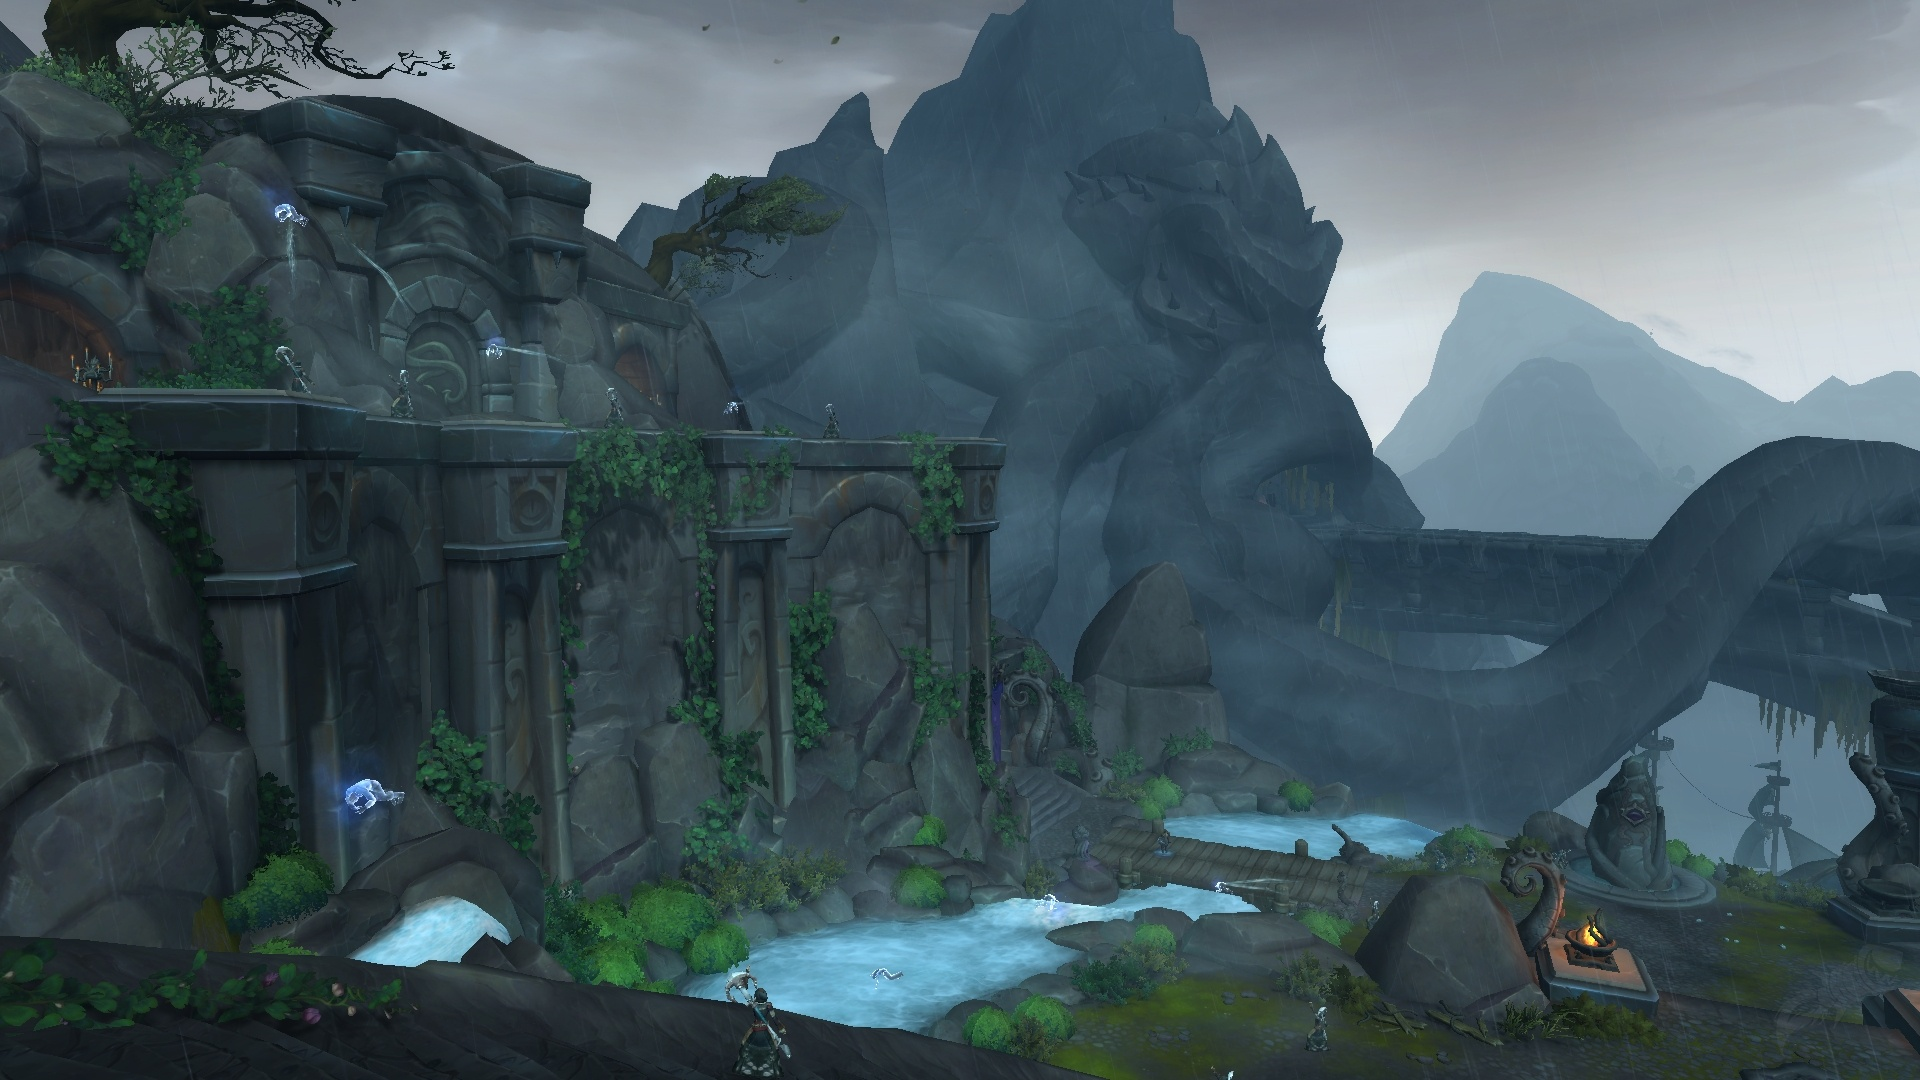 Zelda Breath Of The Wild Schrein Karte.Der Schrein Des Sturms Zone World Of Warcraft